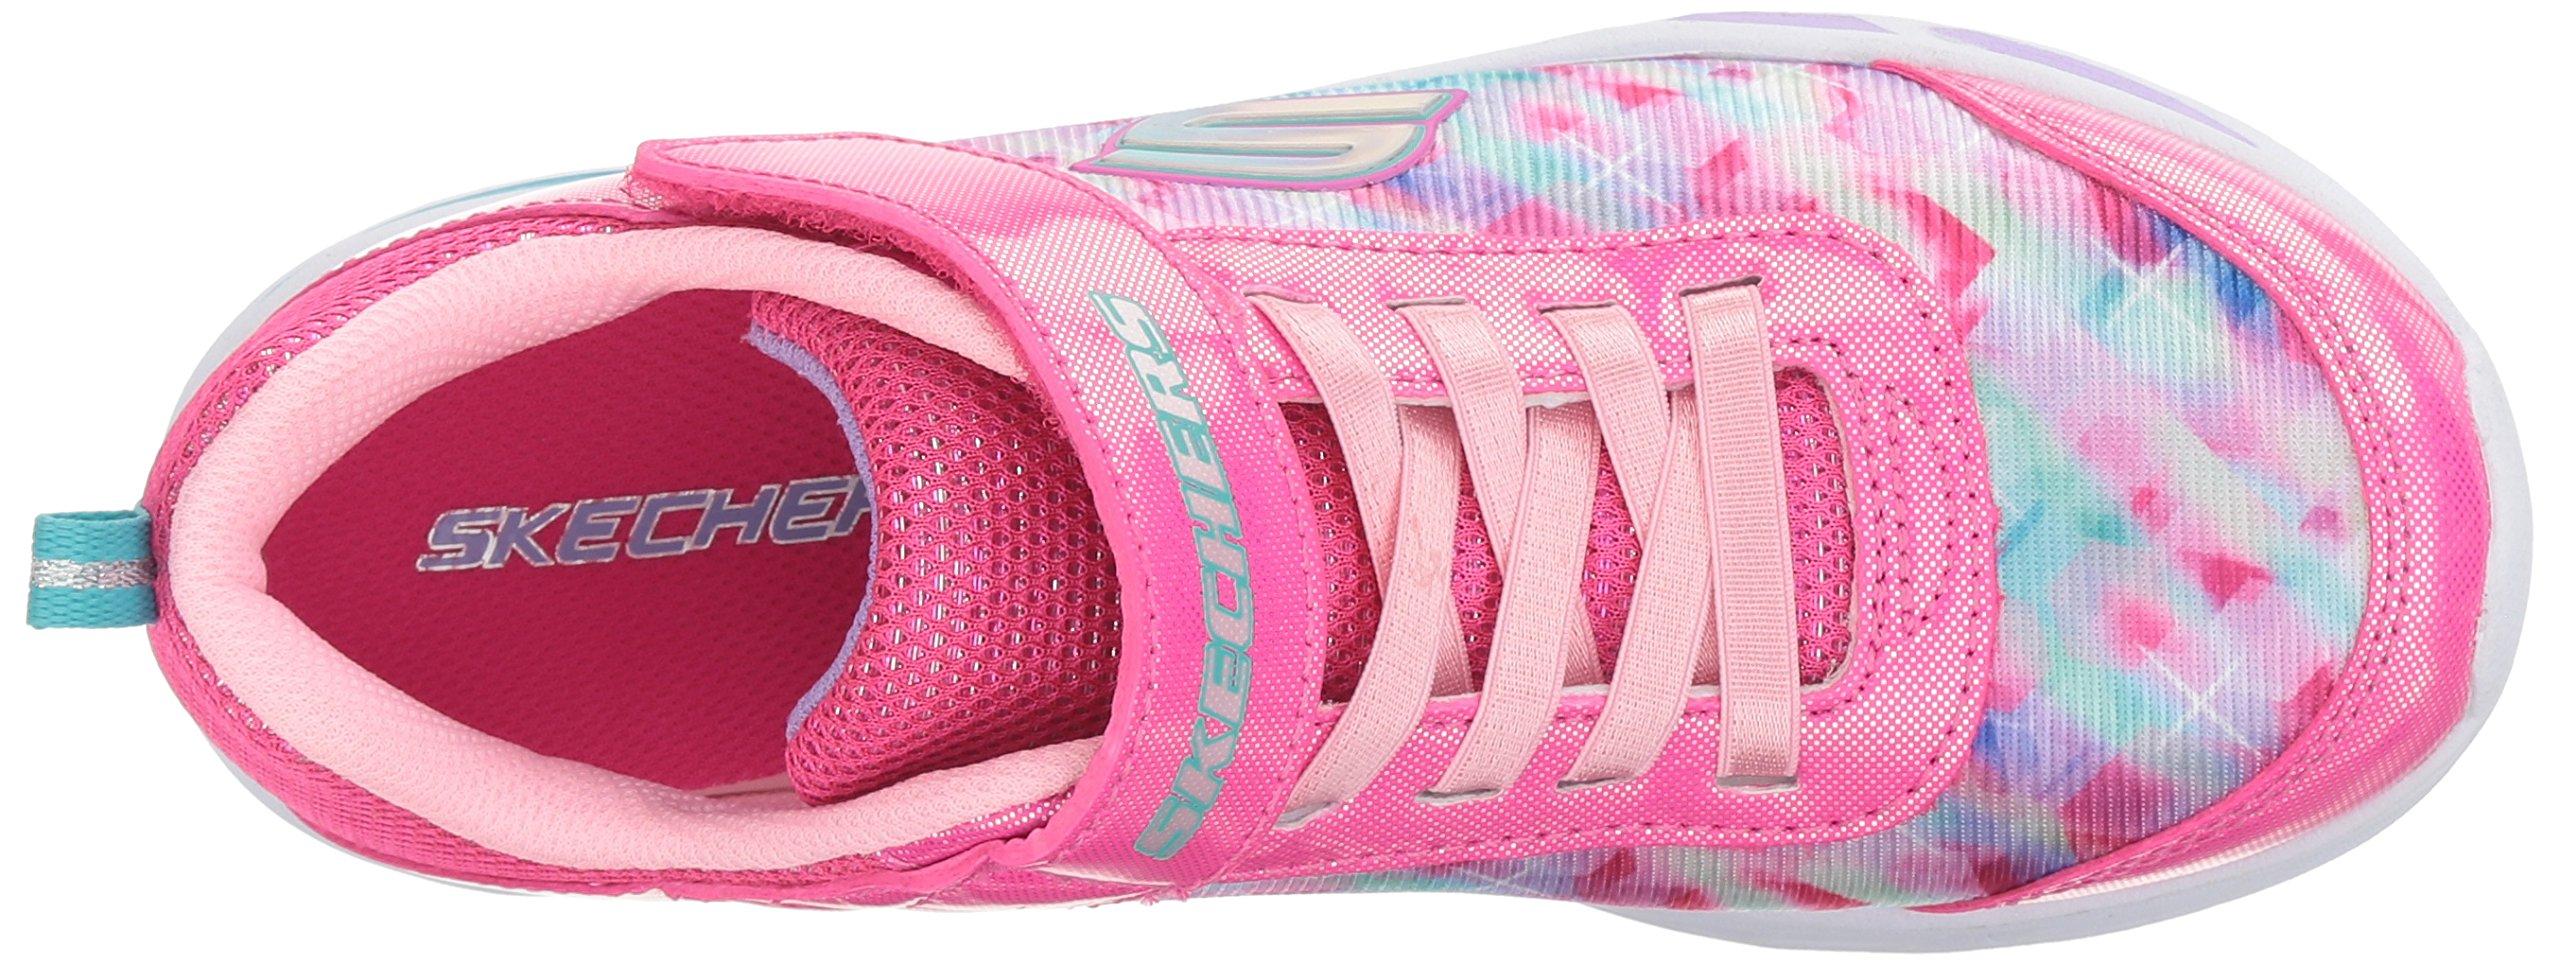 Skechers Kids Girls' Litebeams-Dance N'Glow Sneaker,neon Pink/Multi,1 Medium US Little Kid by Skechers (Image #8)